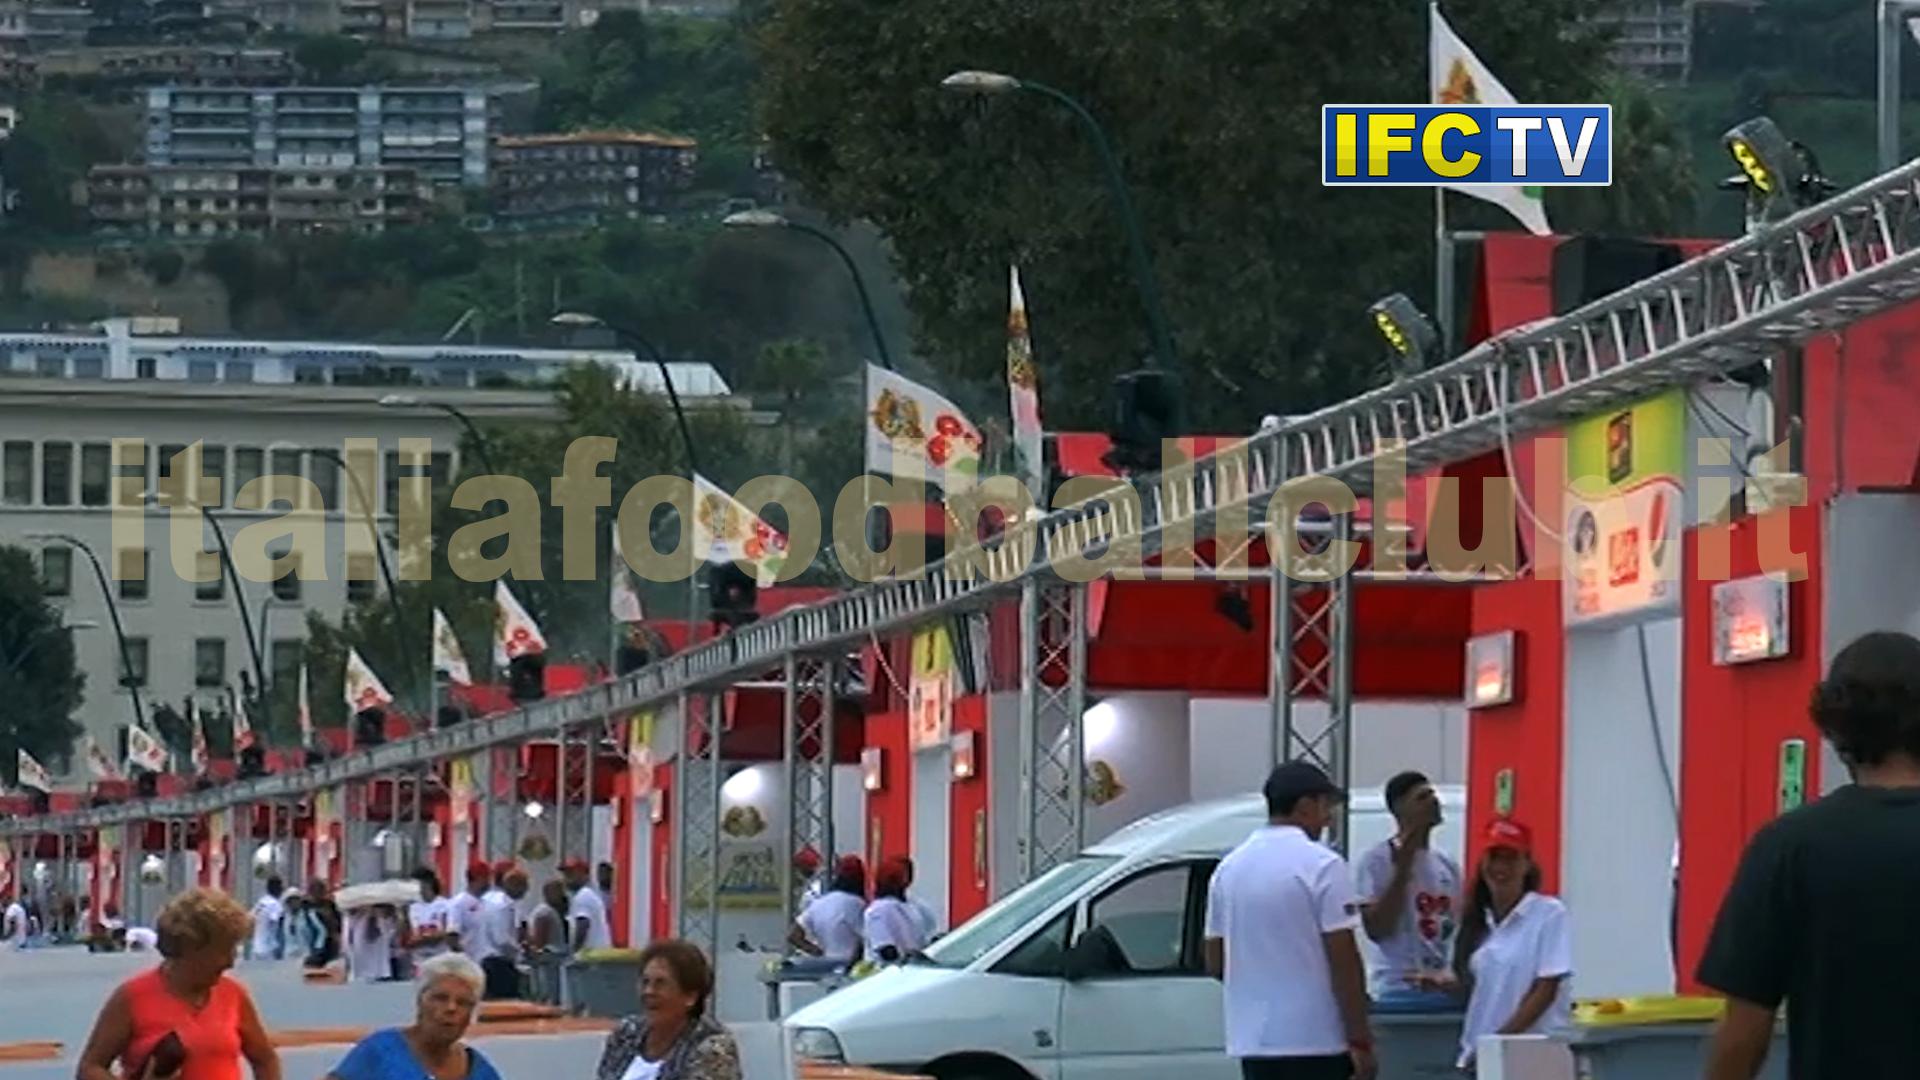 6-11 settembre: a Napoli apre il Pizza Village